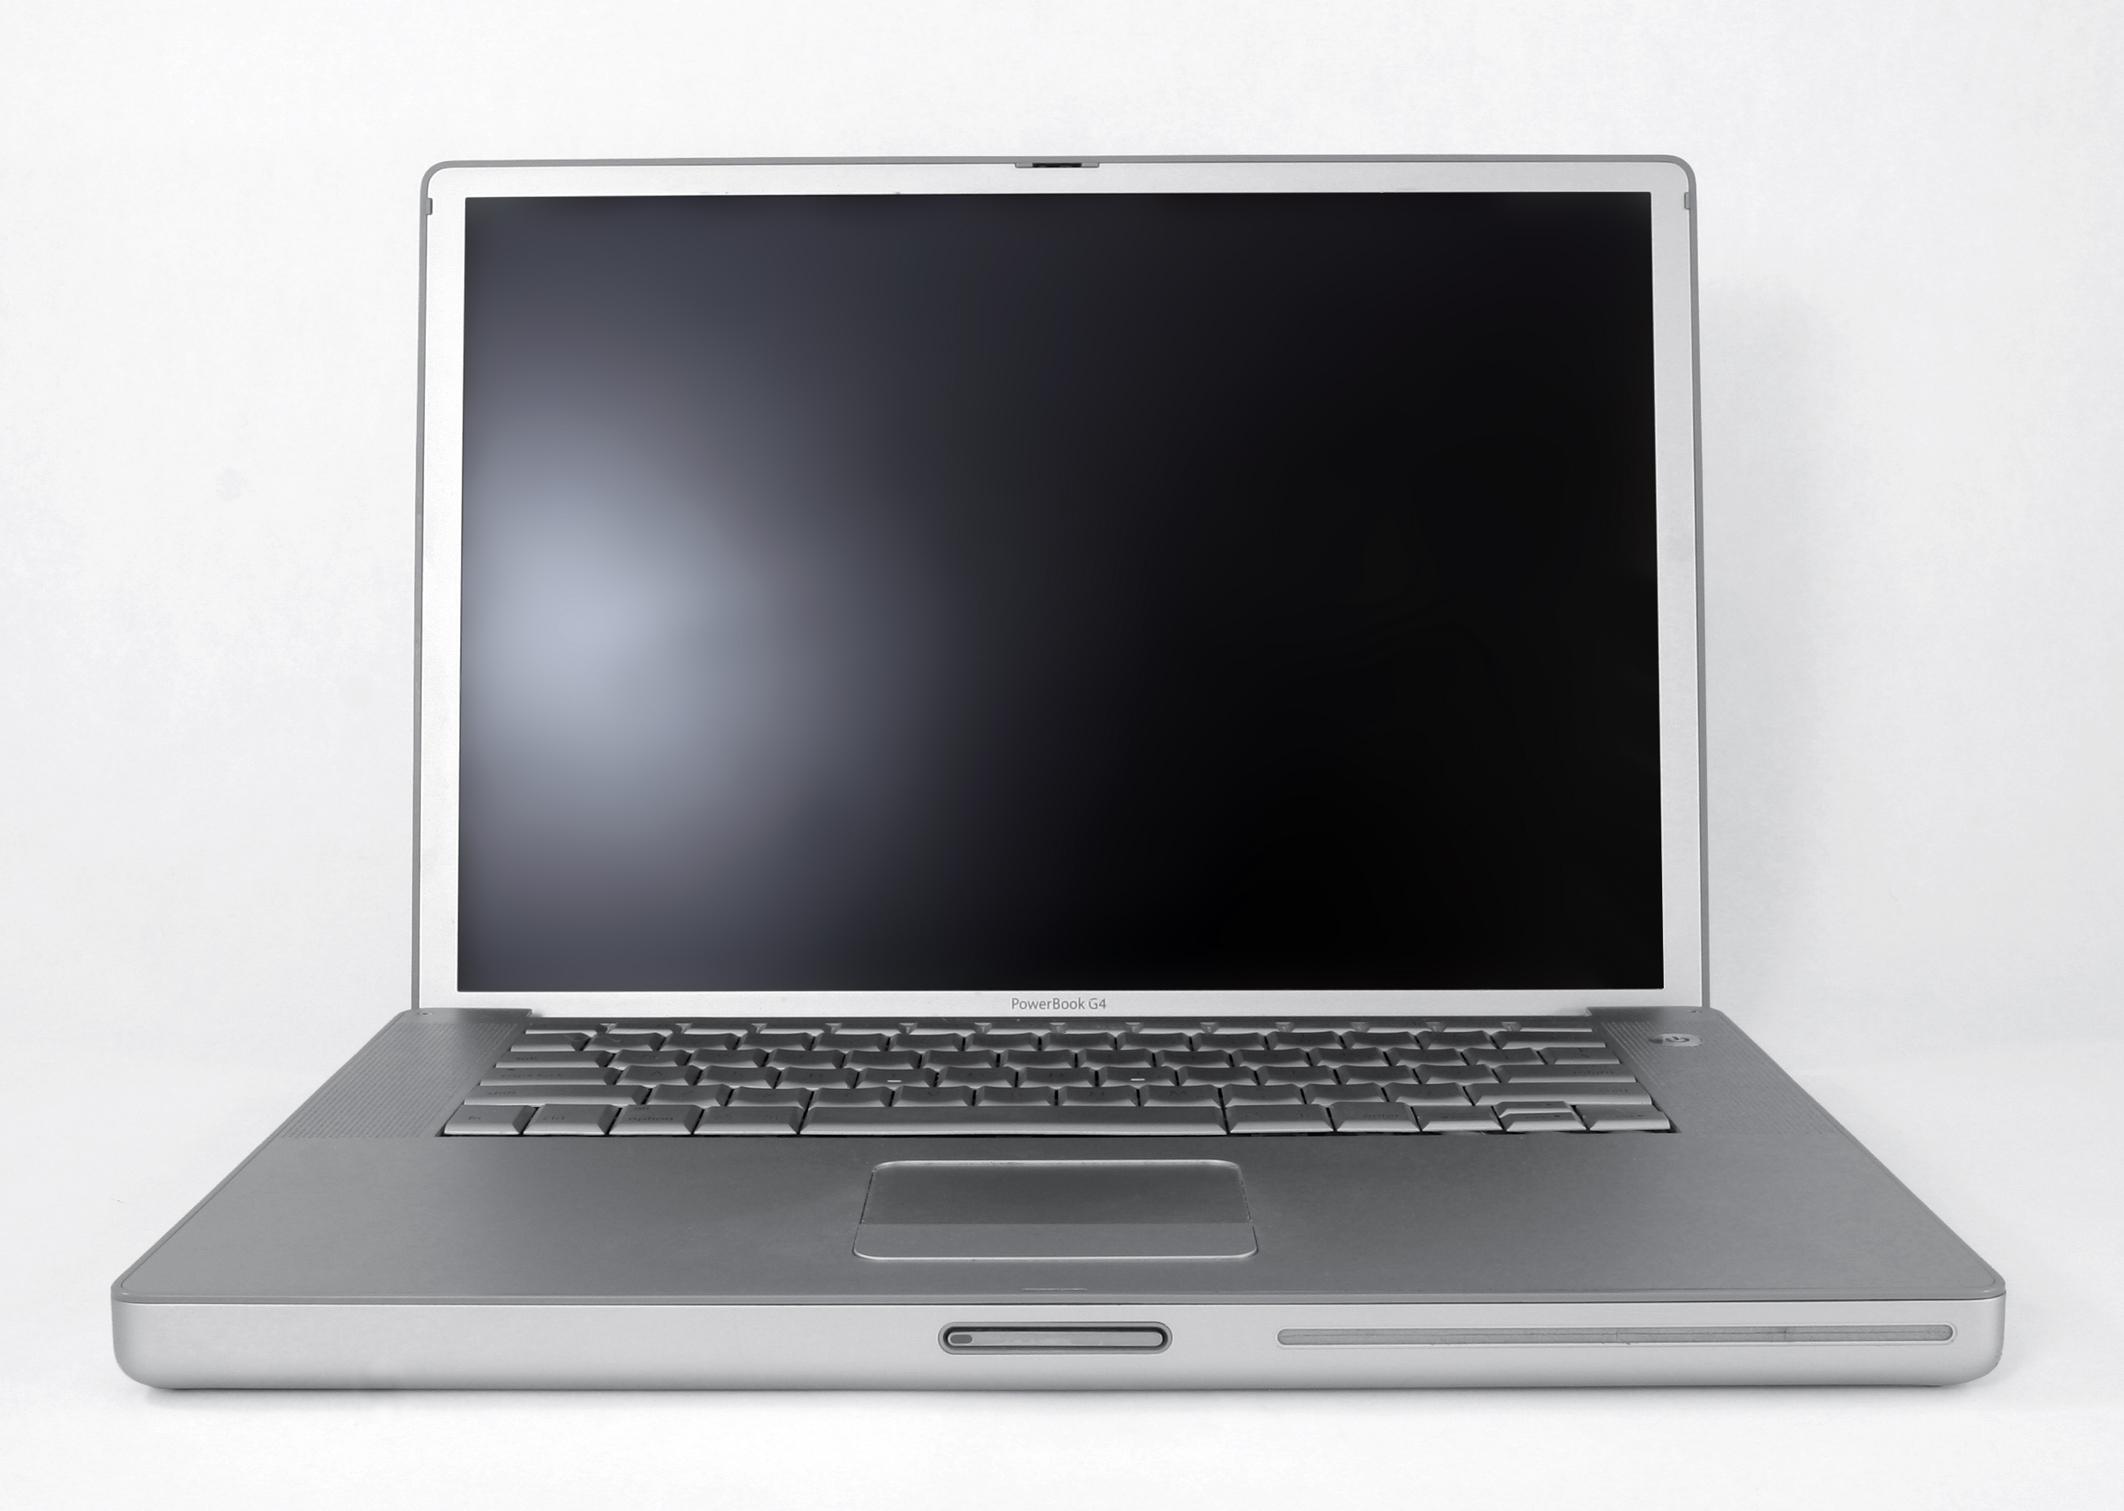 https://i0.wp.com/upload.wikimedia.org/wikipedia/commons/f/f7/PowerBook_redjar.jpg